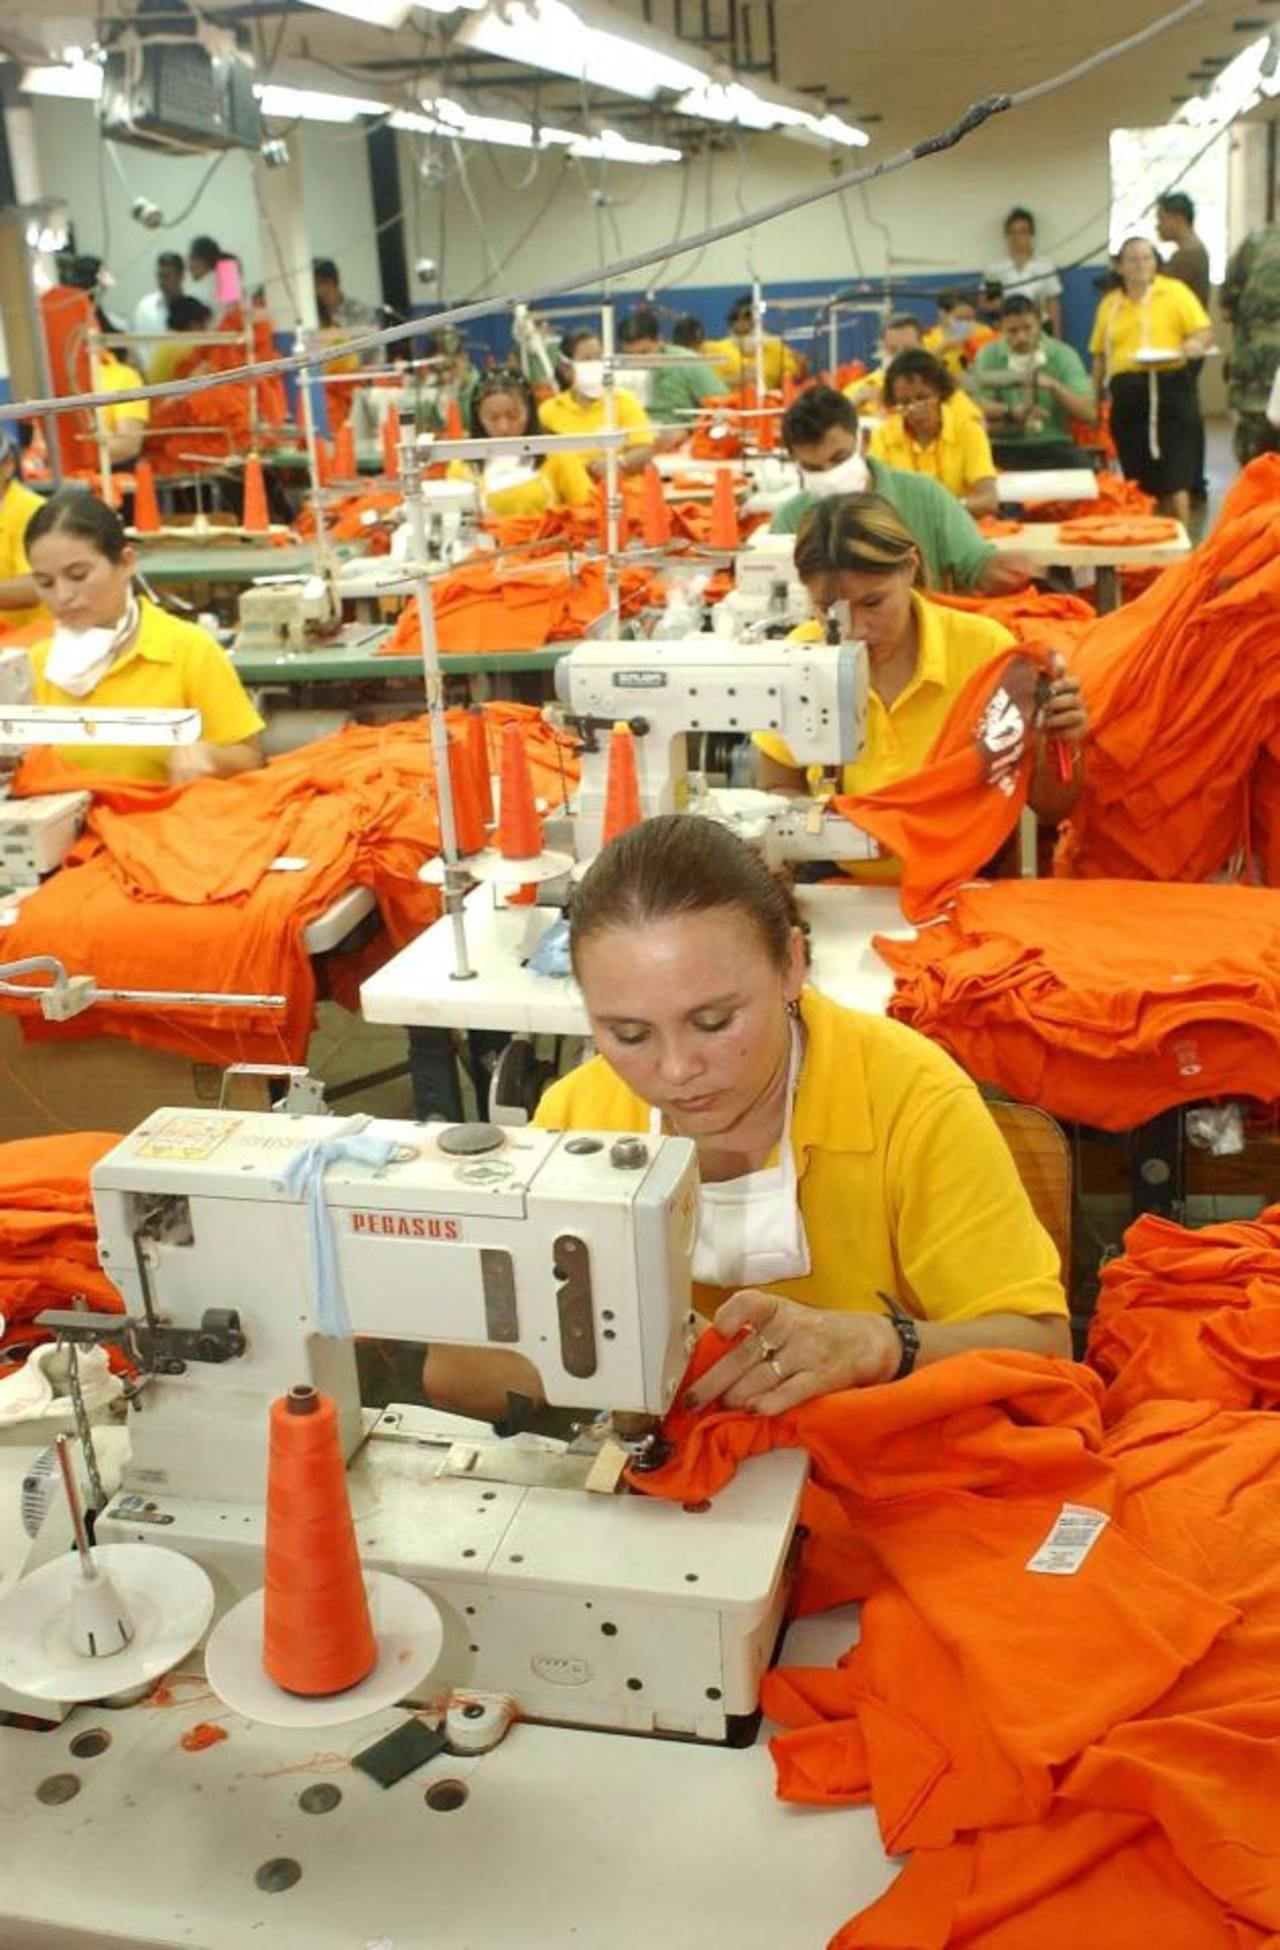 Las mujeres buscan mejores trabajos en Latinoamérica.